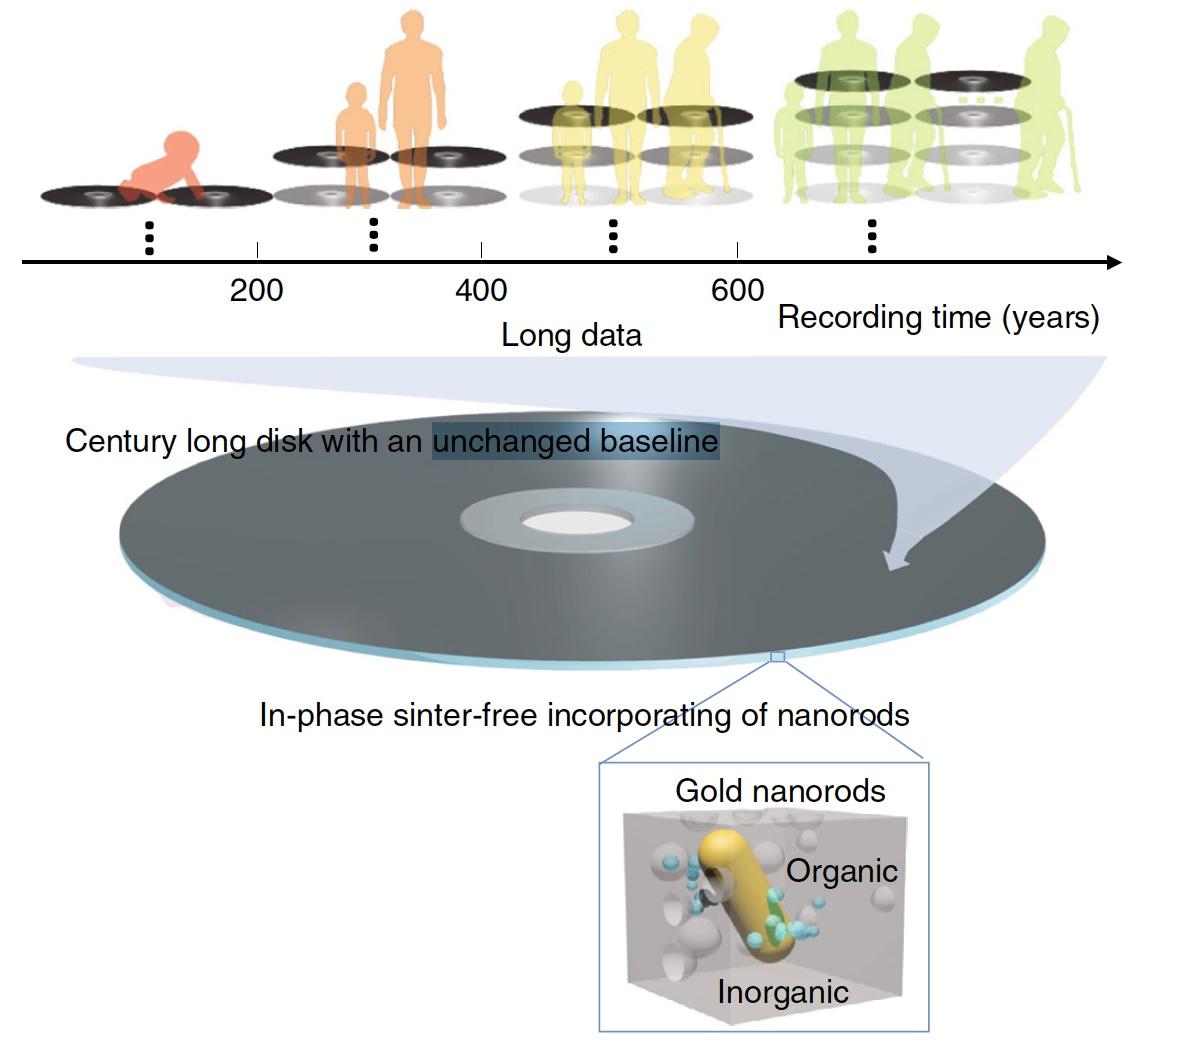 Возможное будущее оптических носителей: 10 ТБ, 600 лет, один диск - 3